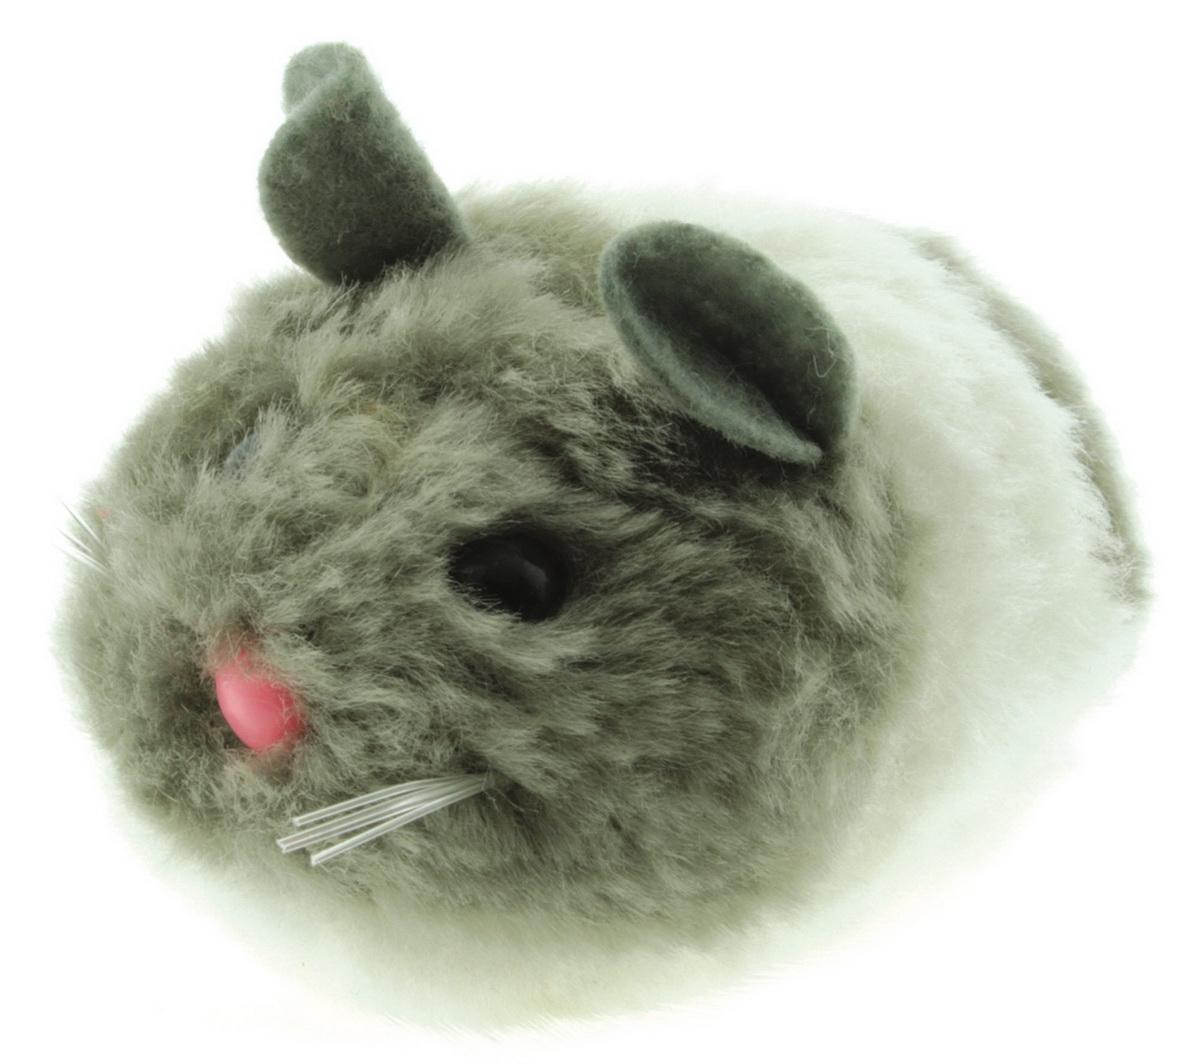 Игрушка для кошек Dezzie Мышь. Актив №3, цвет: серый, белый, 8 см5605093Игрушка для кошек Dezzie Мышь. Актив №3 изготовлена из искусственного меха и пластика. Такая игрушка порадует вашего любимца, а вам доставит массу приятных эмоций, ведь наблюдать за игрой всегда интересно и приятно. Игрушка Dezzie не только вызовет интерес у кошки, но и будет способствовать ее развитию. Все игрушки созданы из безопасных материалов высокого качества. Они будут долго служить и всегда смогут порадовать питомцев и их заботливых хозяев. Общая длина игрушки: 8 см.